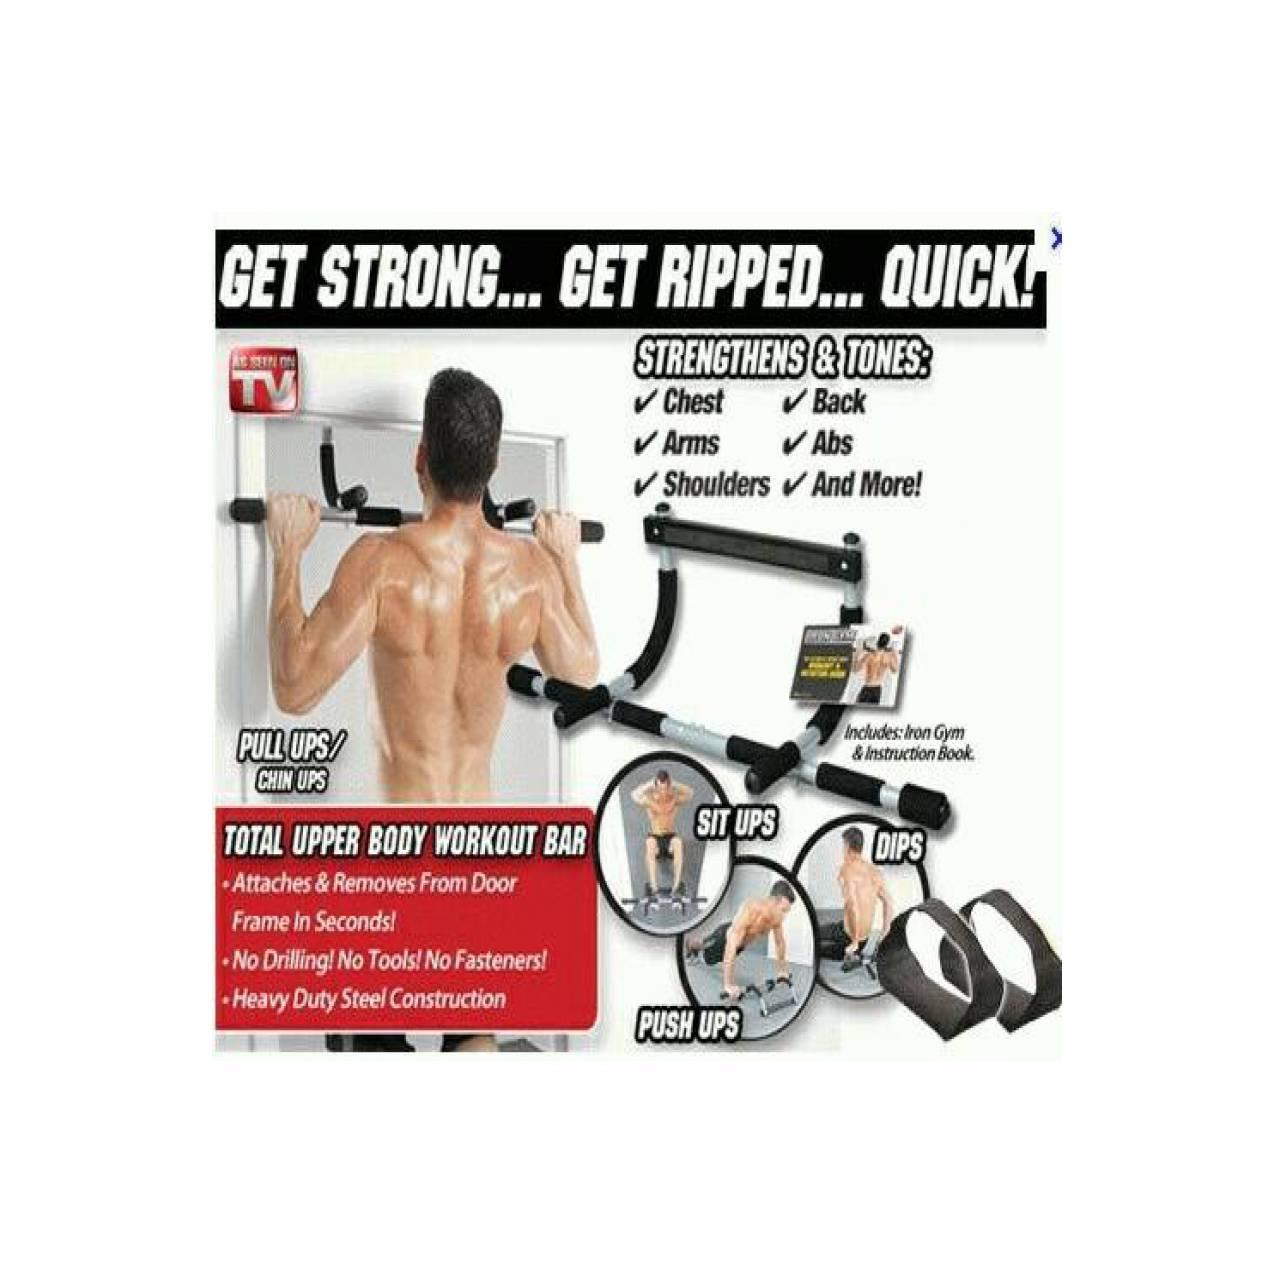 alat fitnes iron gym murah banyak manfaatnya